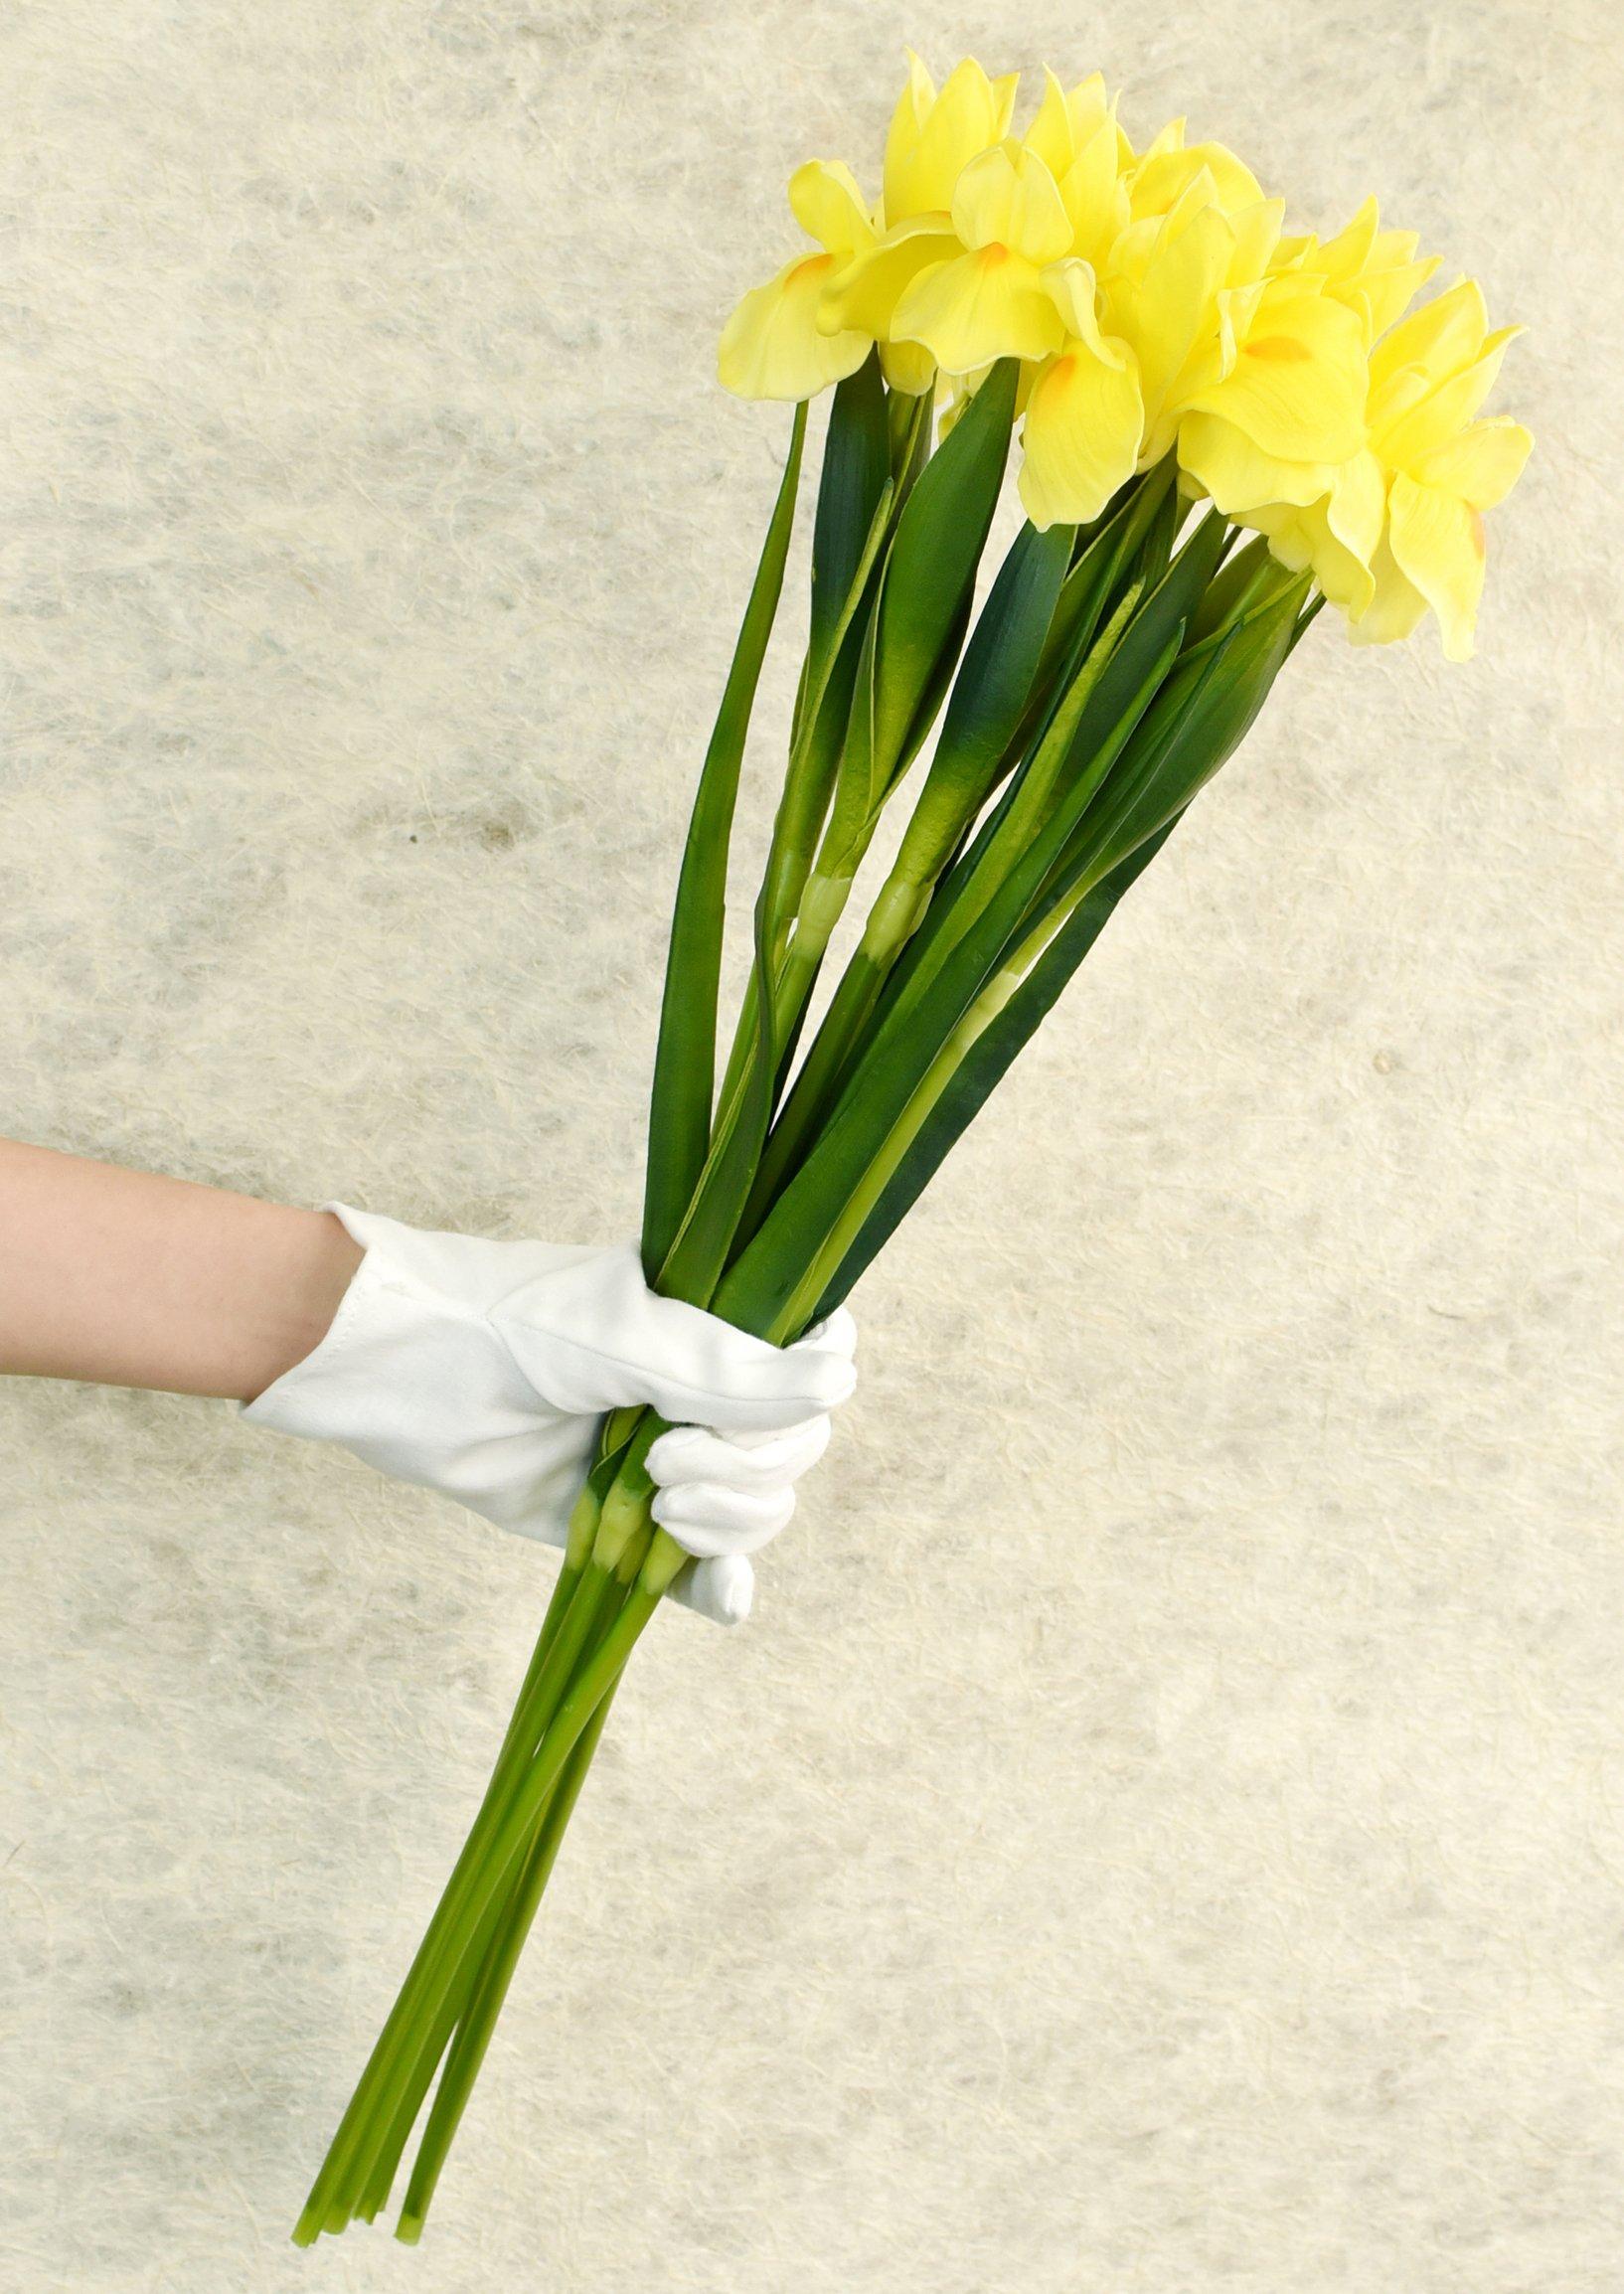 FiveSeasonStuff – Ramo de Flores Artificiales para decoración de hogar, Tienda, Oficina, Restaurante, Boda, Fiesta…